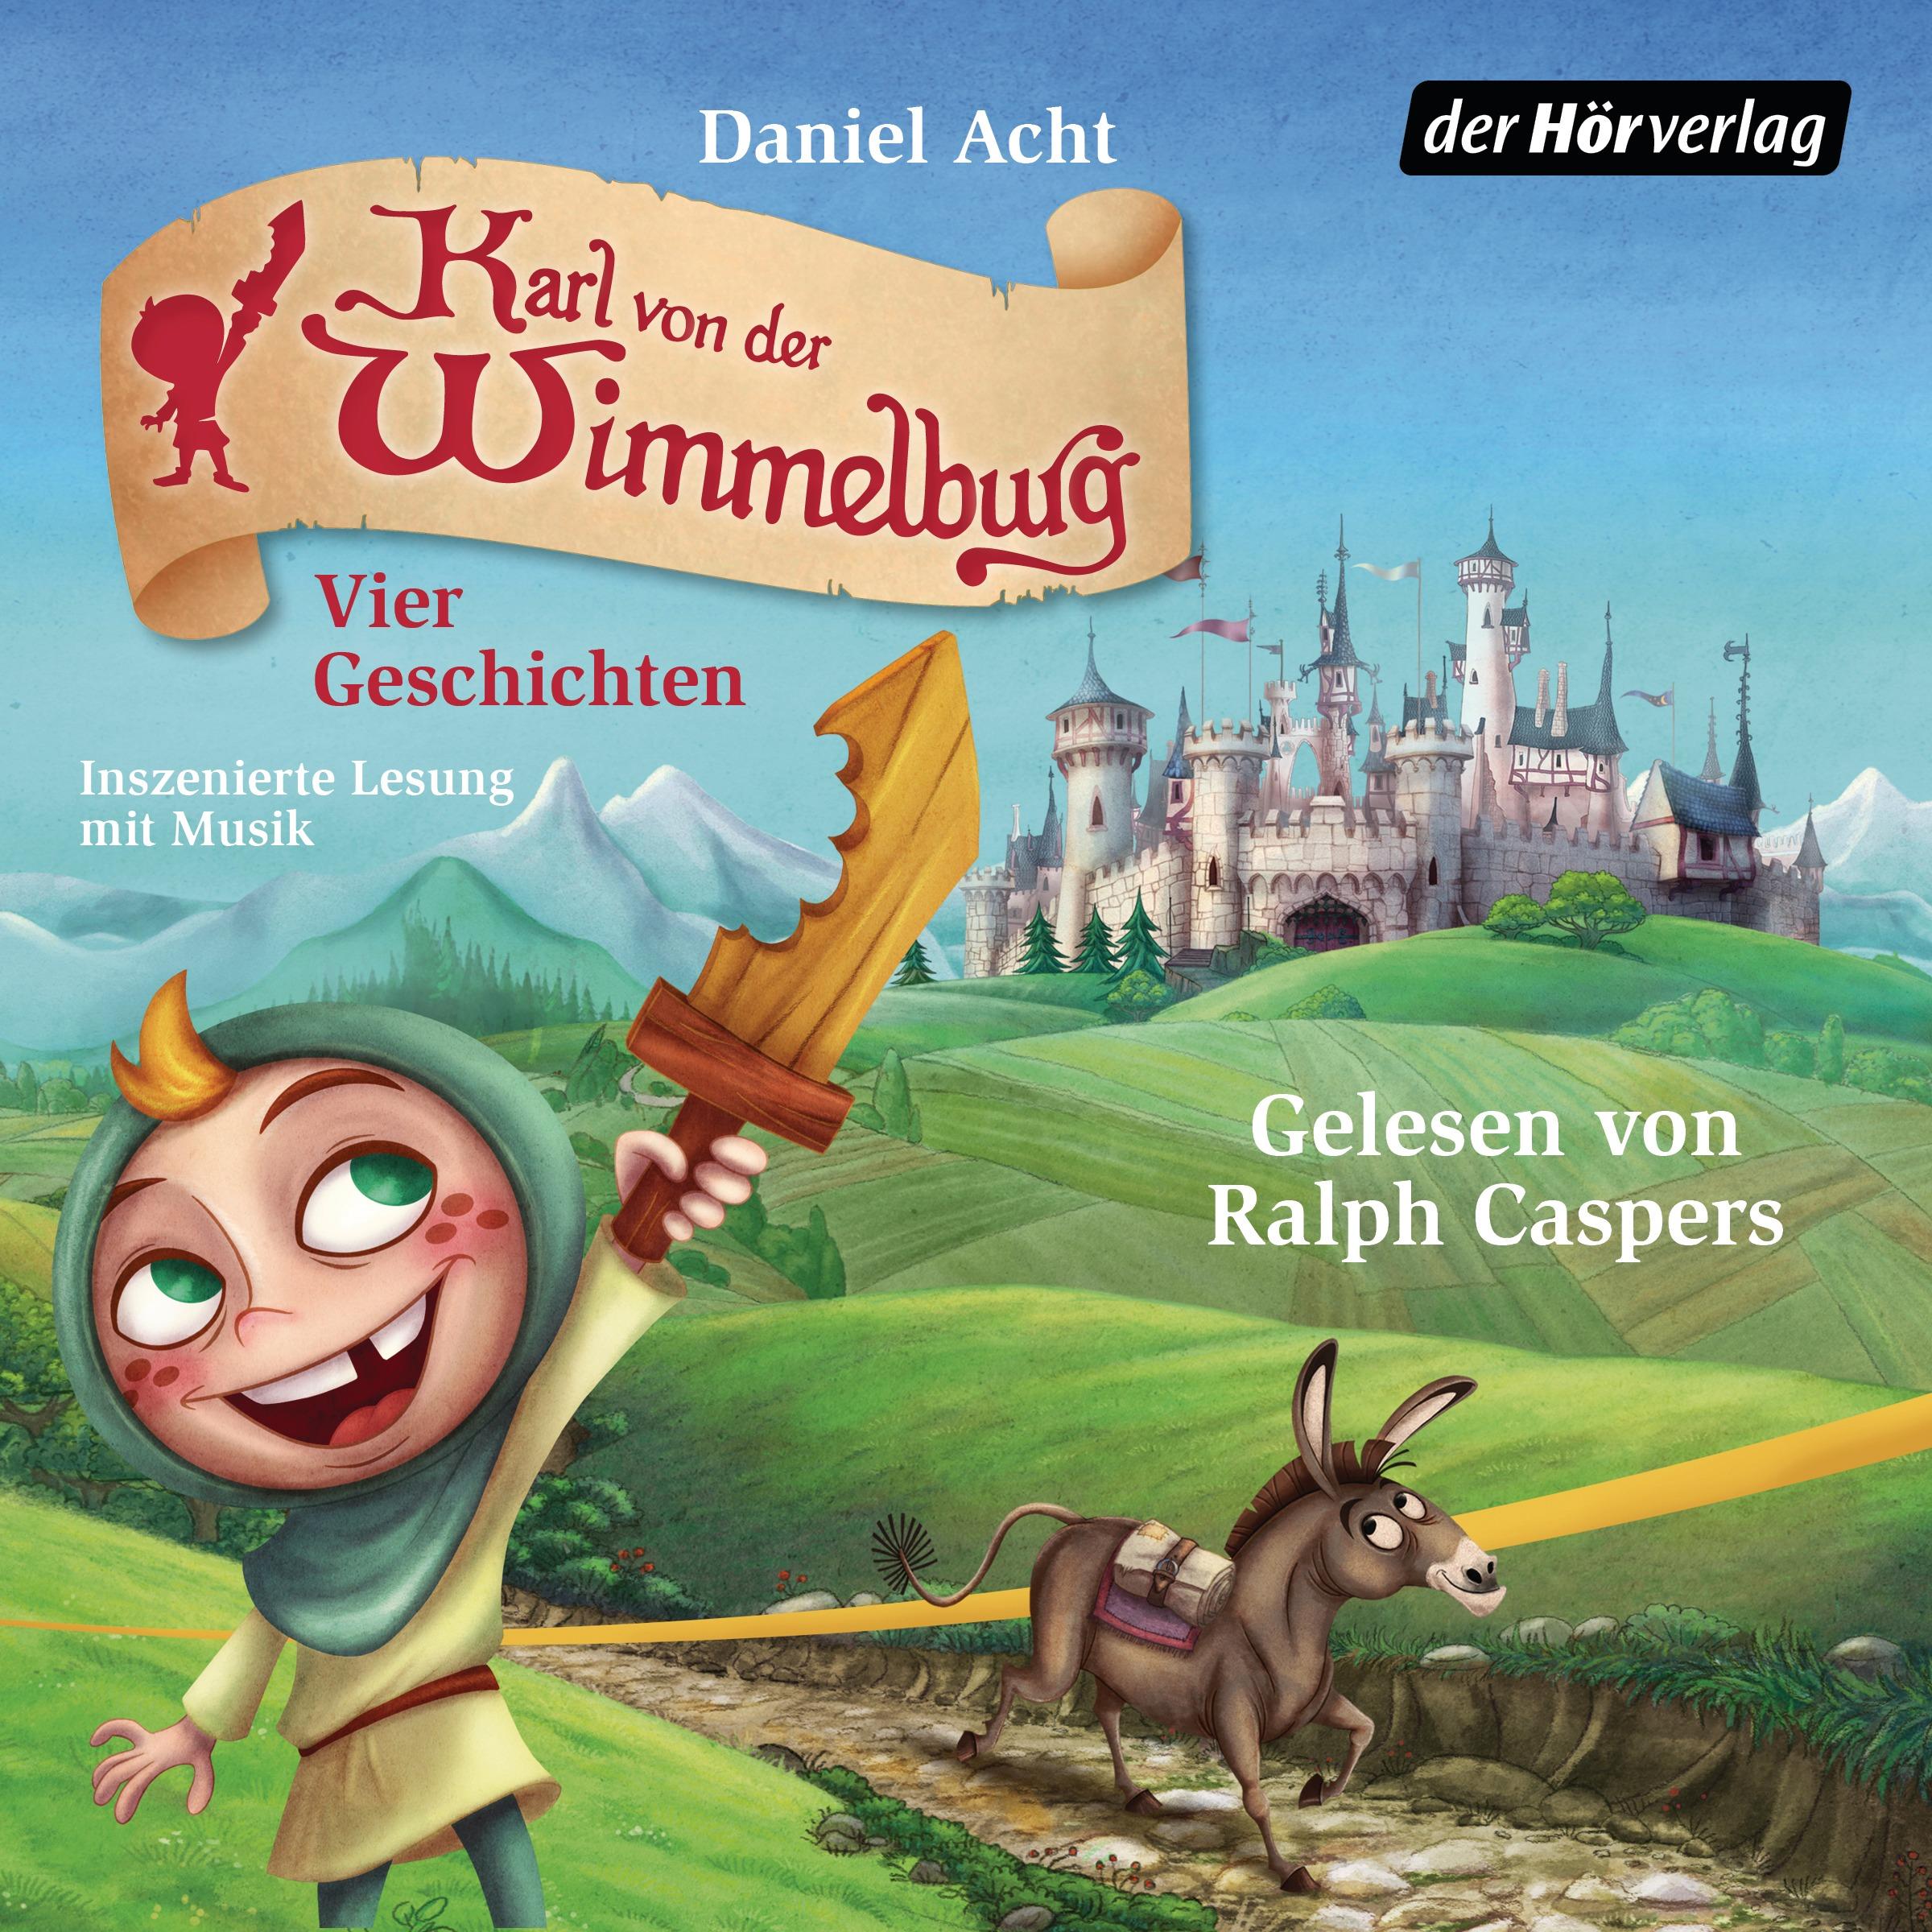 Hörbuch - Karl von der Wimmelburg